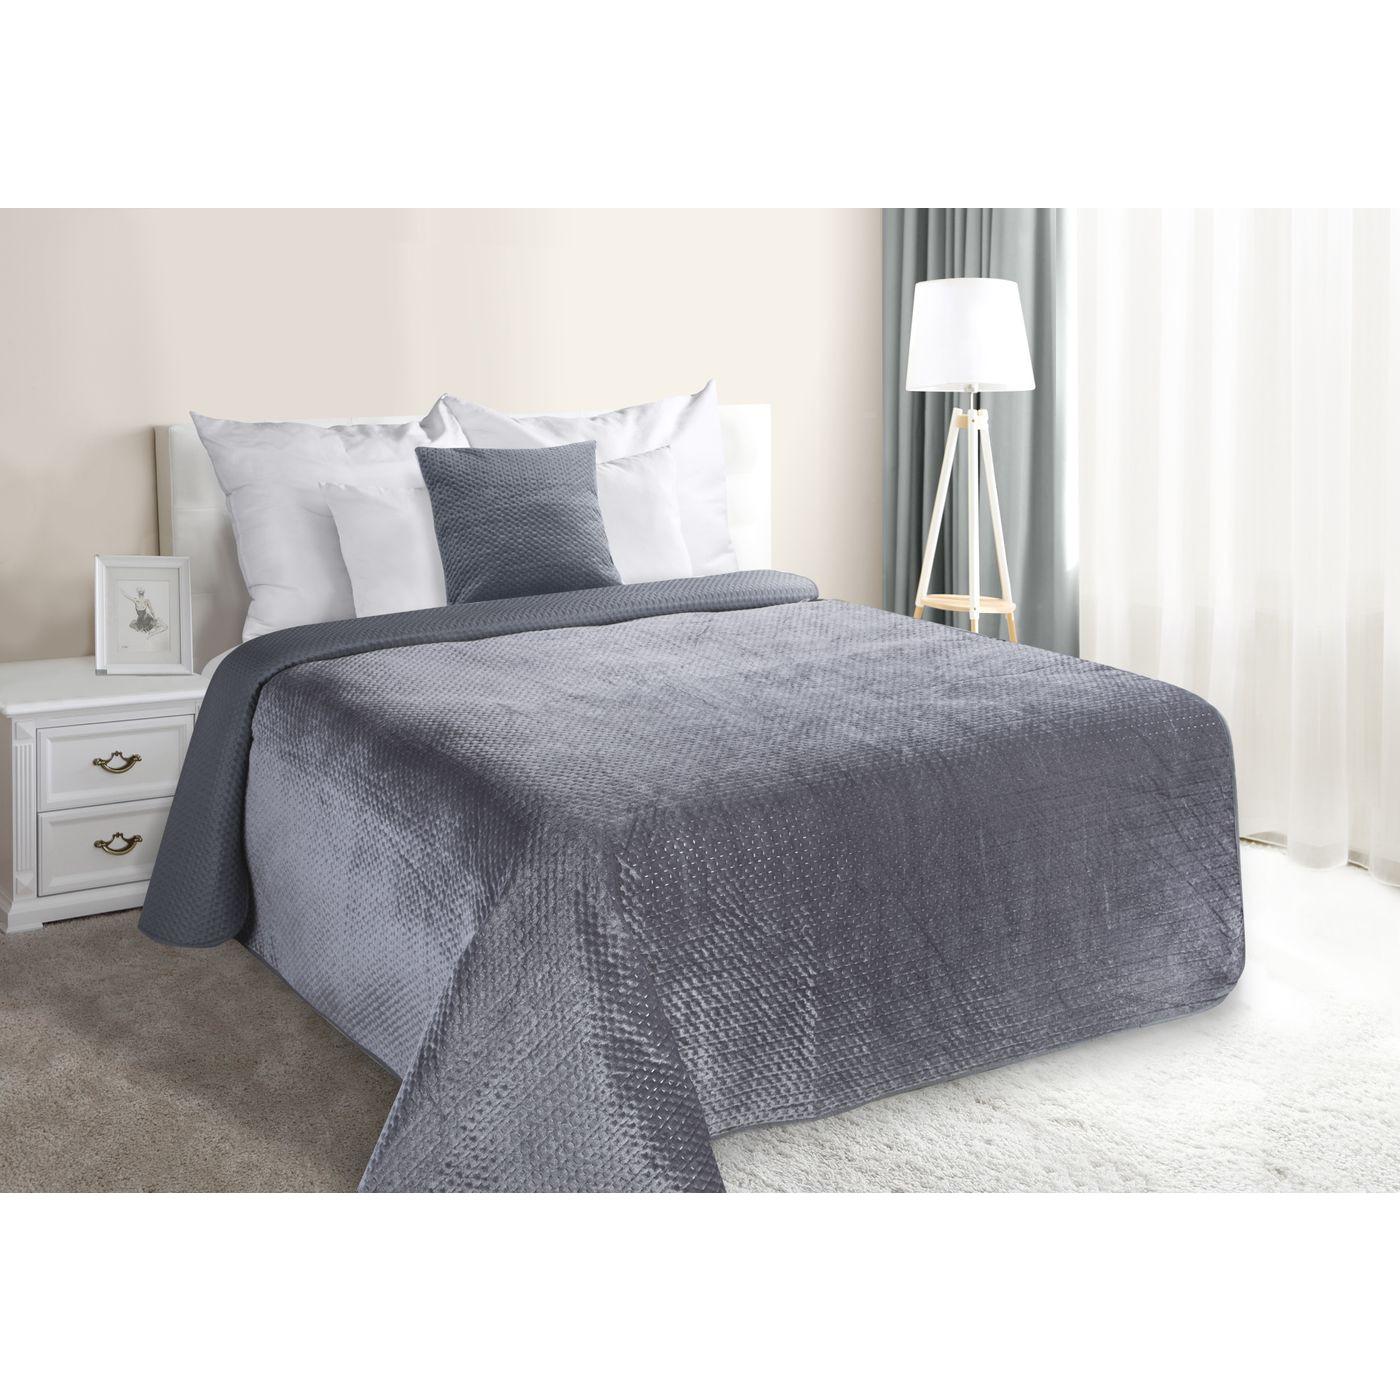 Narzuta na łóżko welwetowa pikowana hotpress 170x210 cm grafitowa